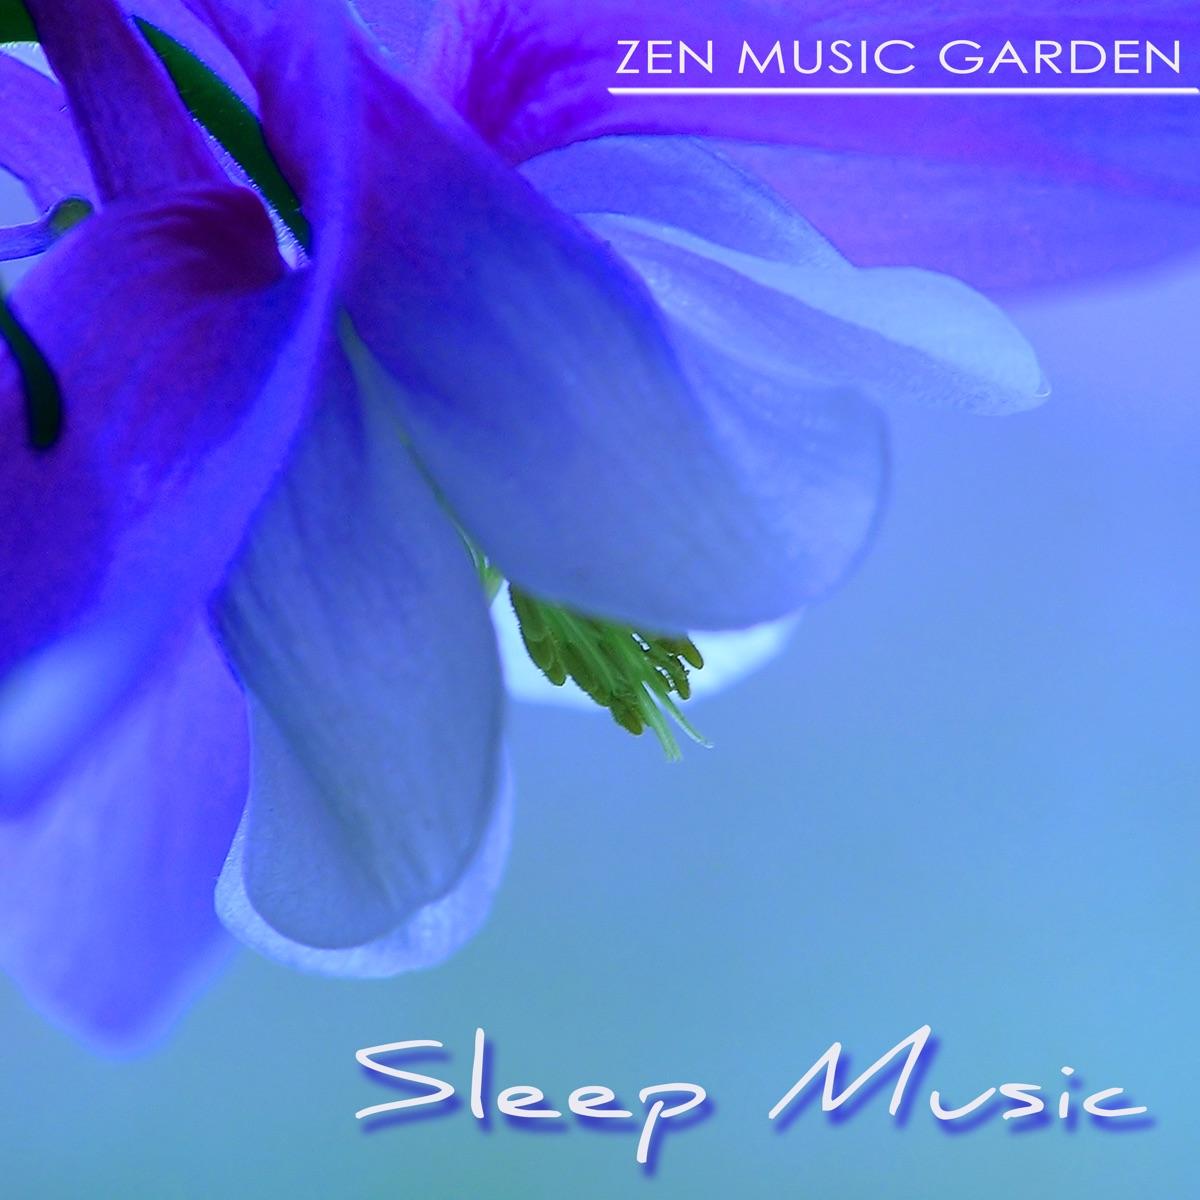 Sleep Music – Nature Sounds Zen Music for Sleeping, Rest